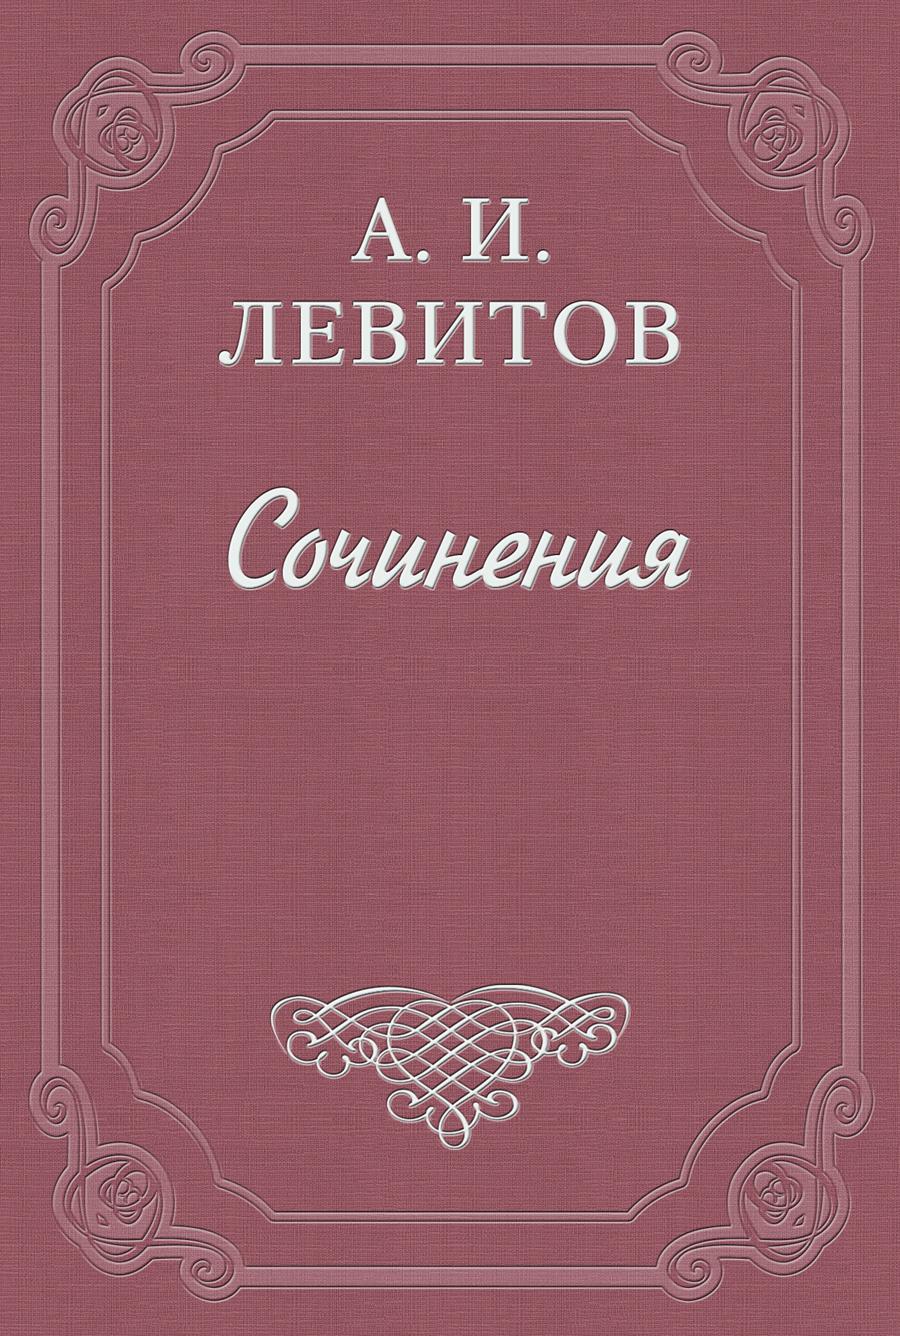 Александр Левитов Московские «комнаты снебилью» цена 2017